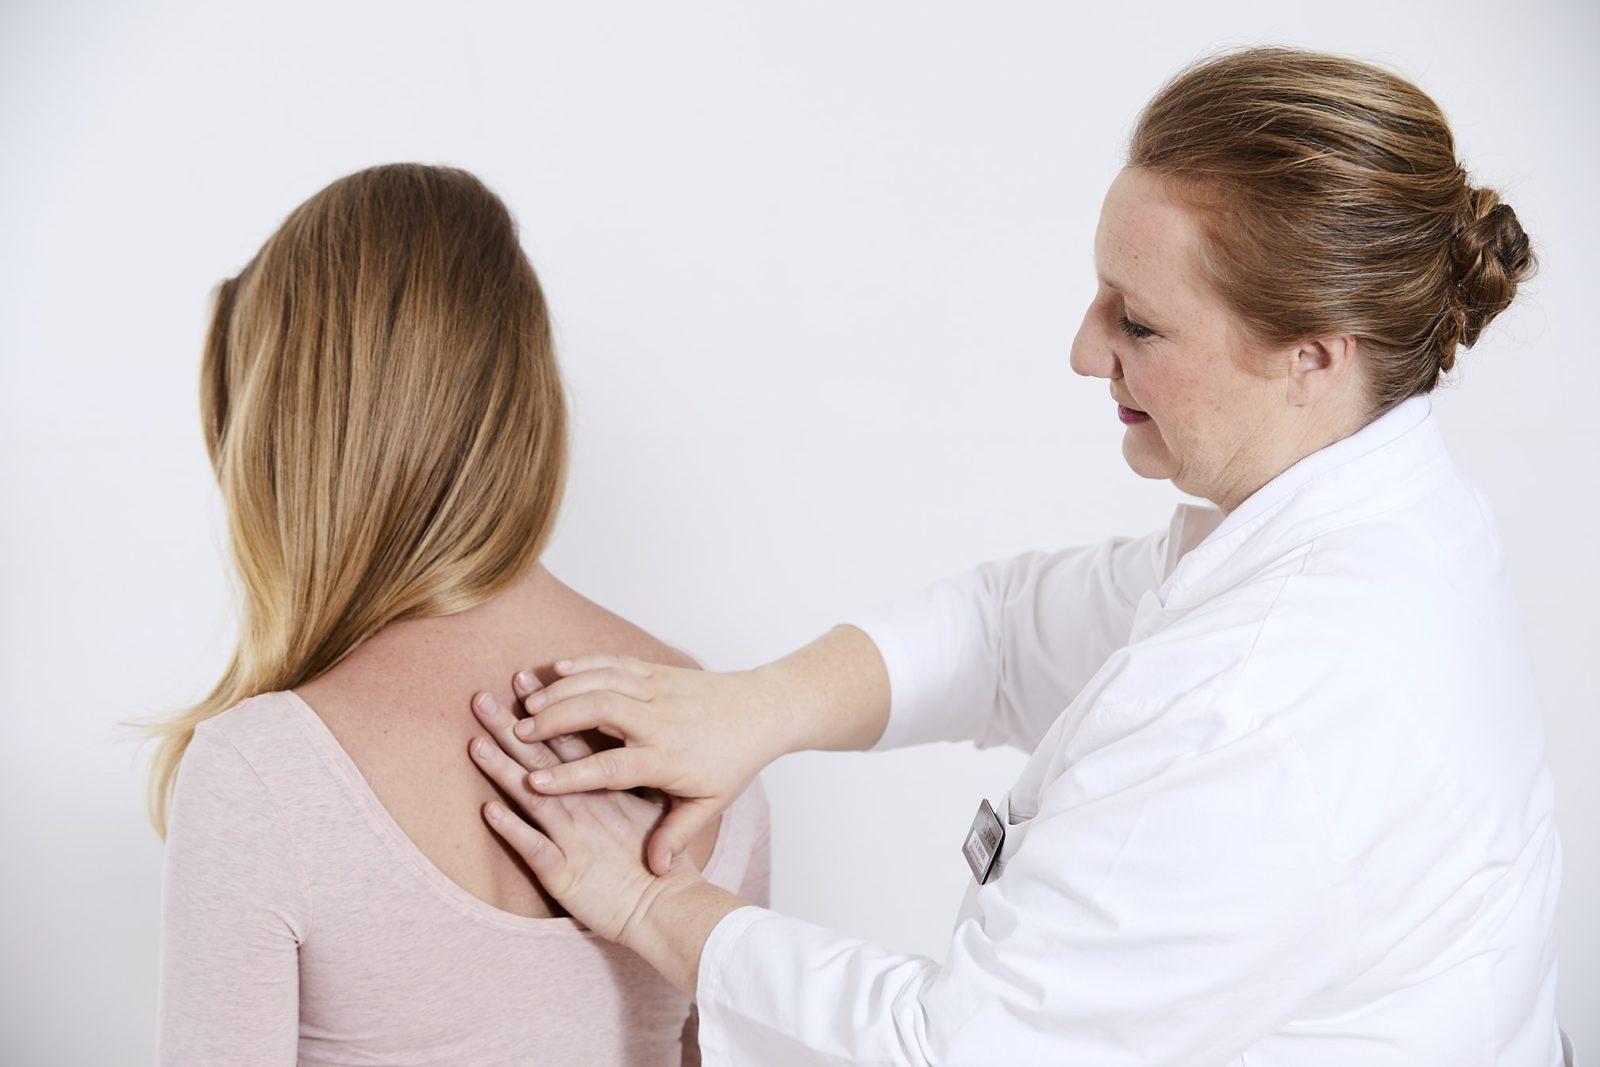 Ärztin behandelt Patienten am oberen Rücken